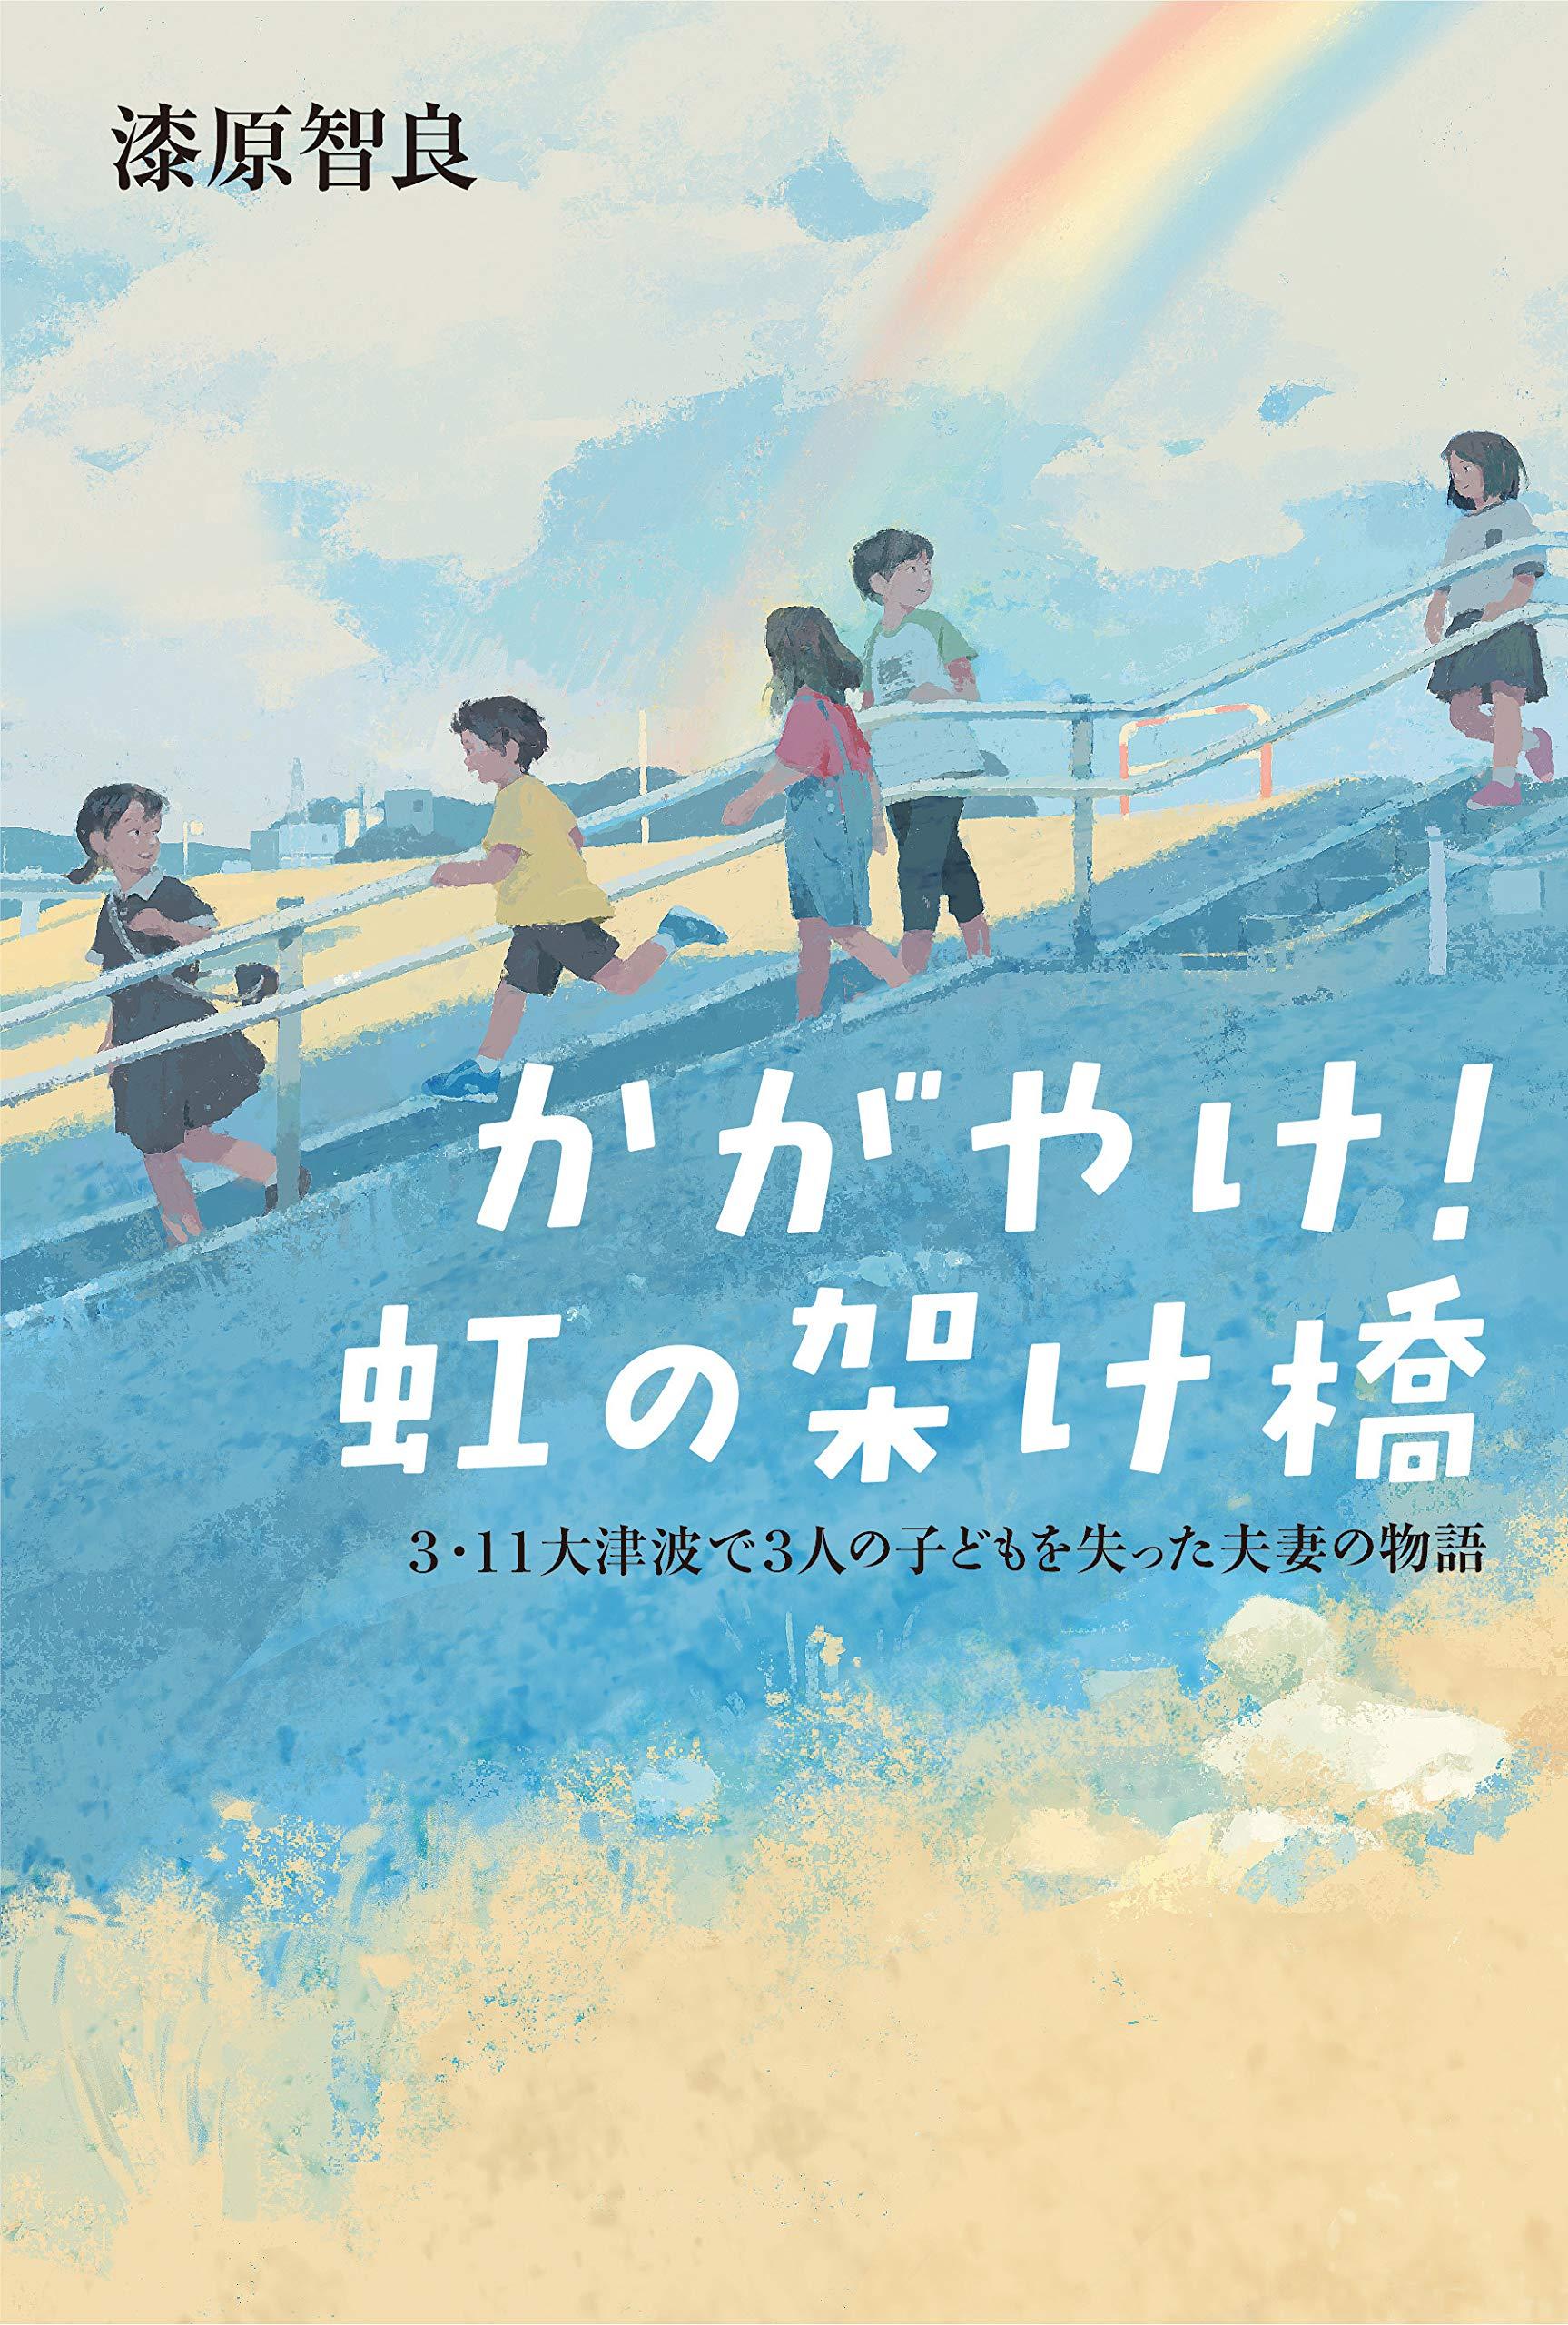 日 放送 の 虹 架け橋